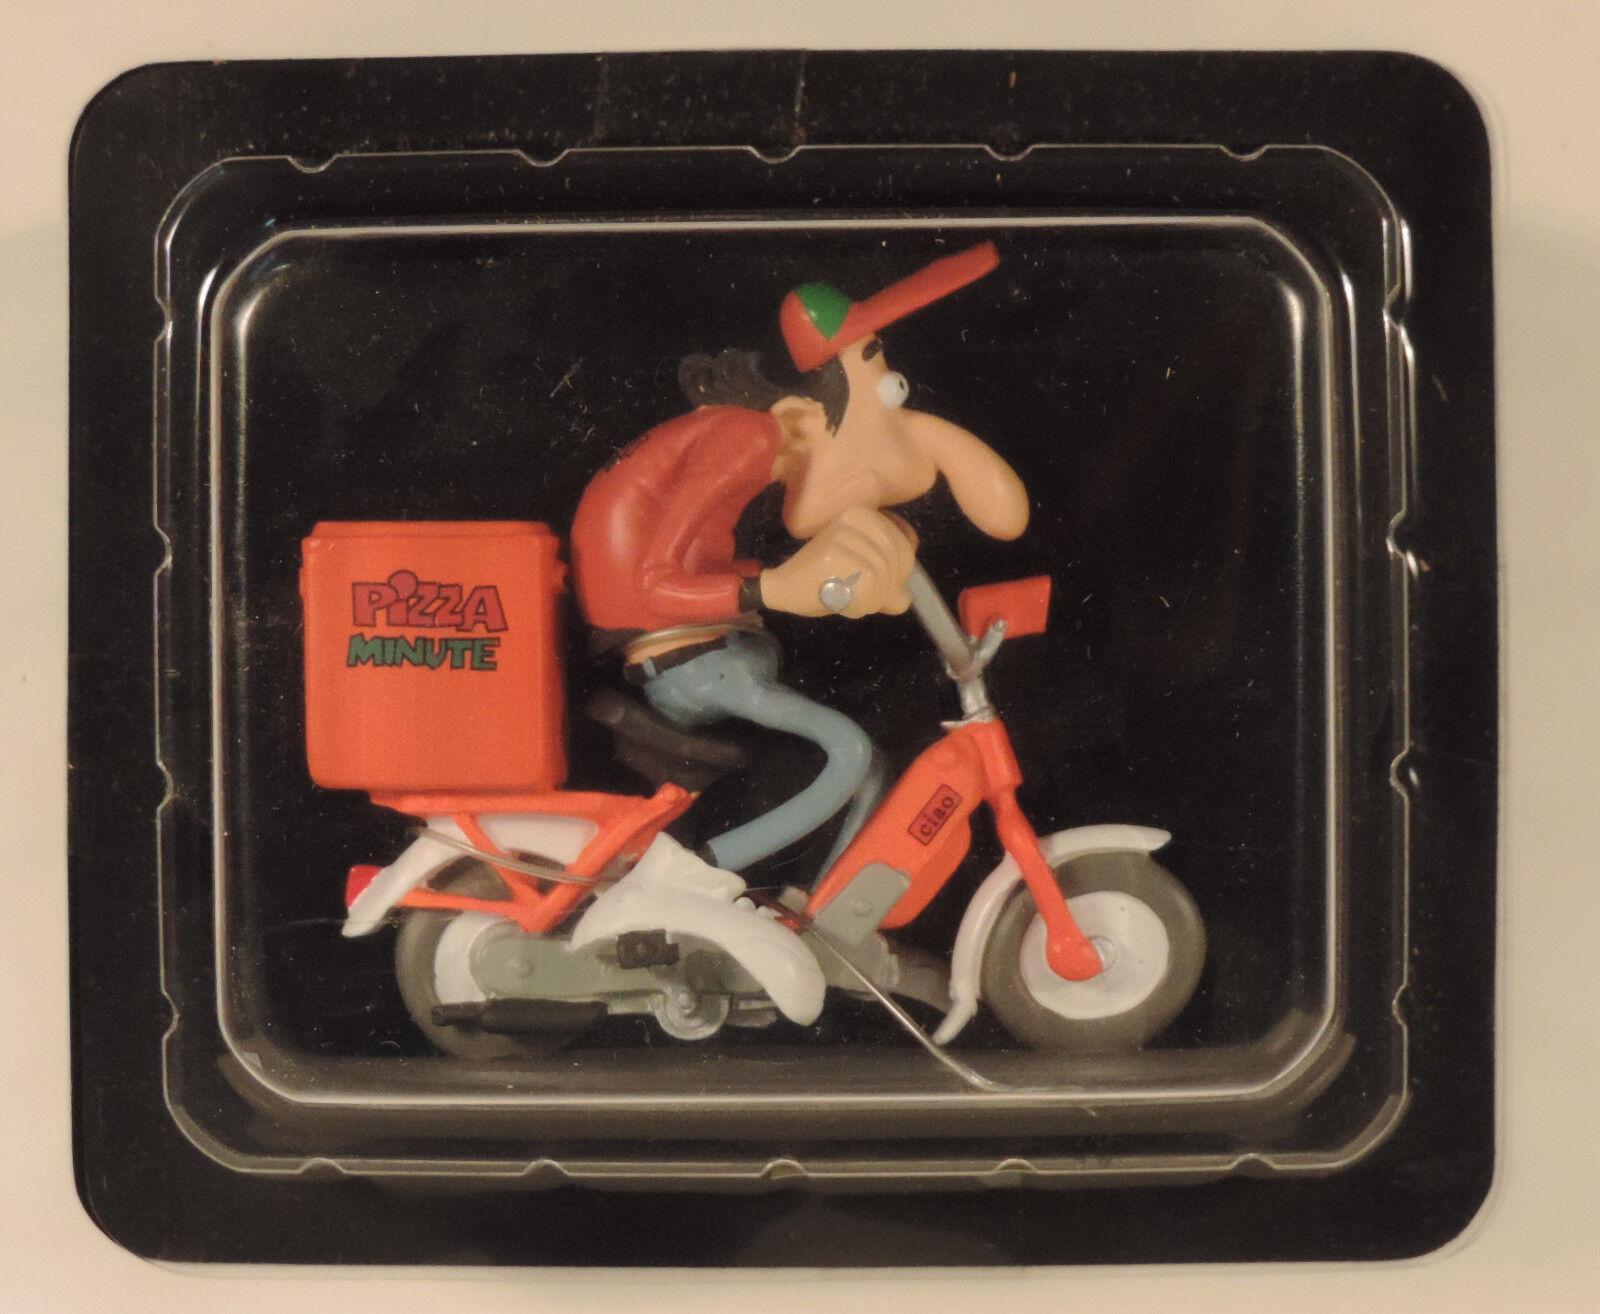 Moto Joe Bar Team 074 Piaggio 50  Pizza minute  1 18 figurine Hachette